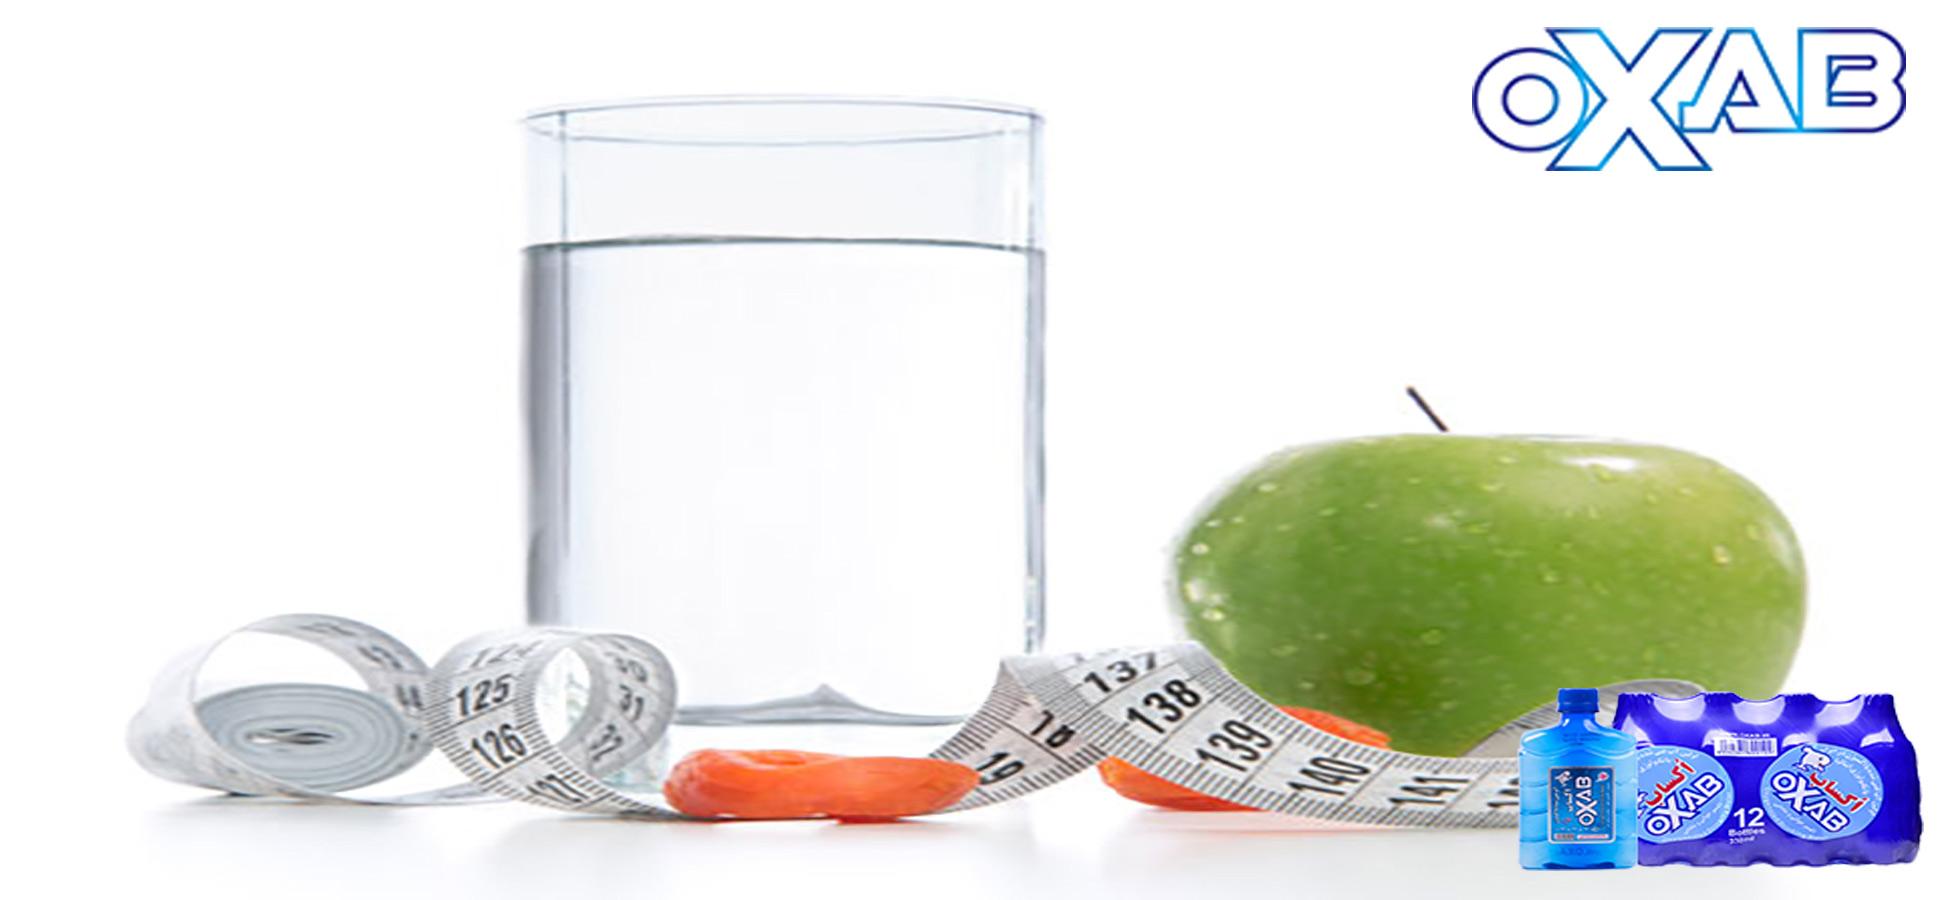 درمان چربی شکم با آب آشامیدنی